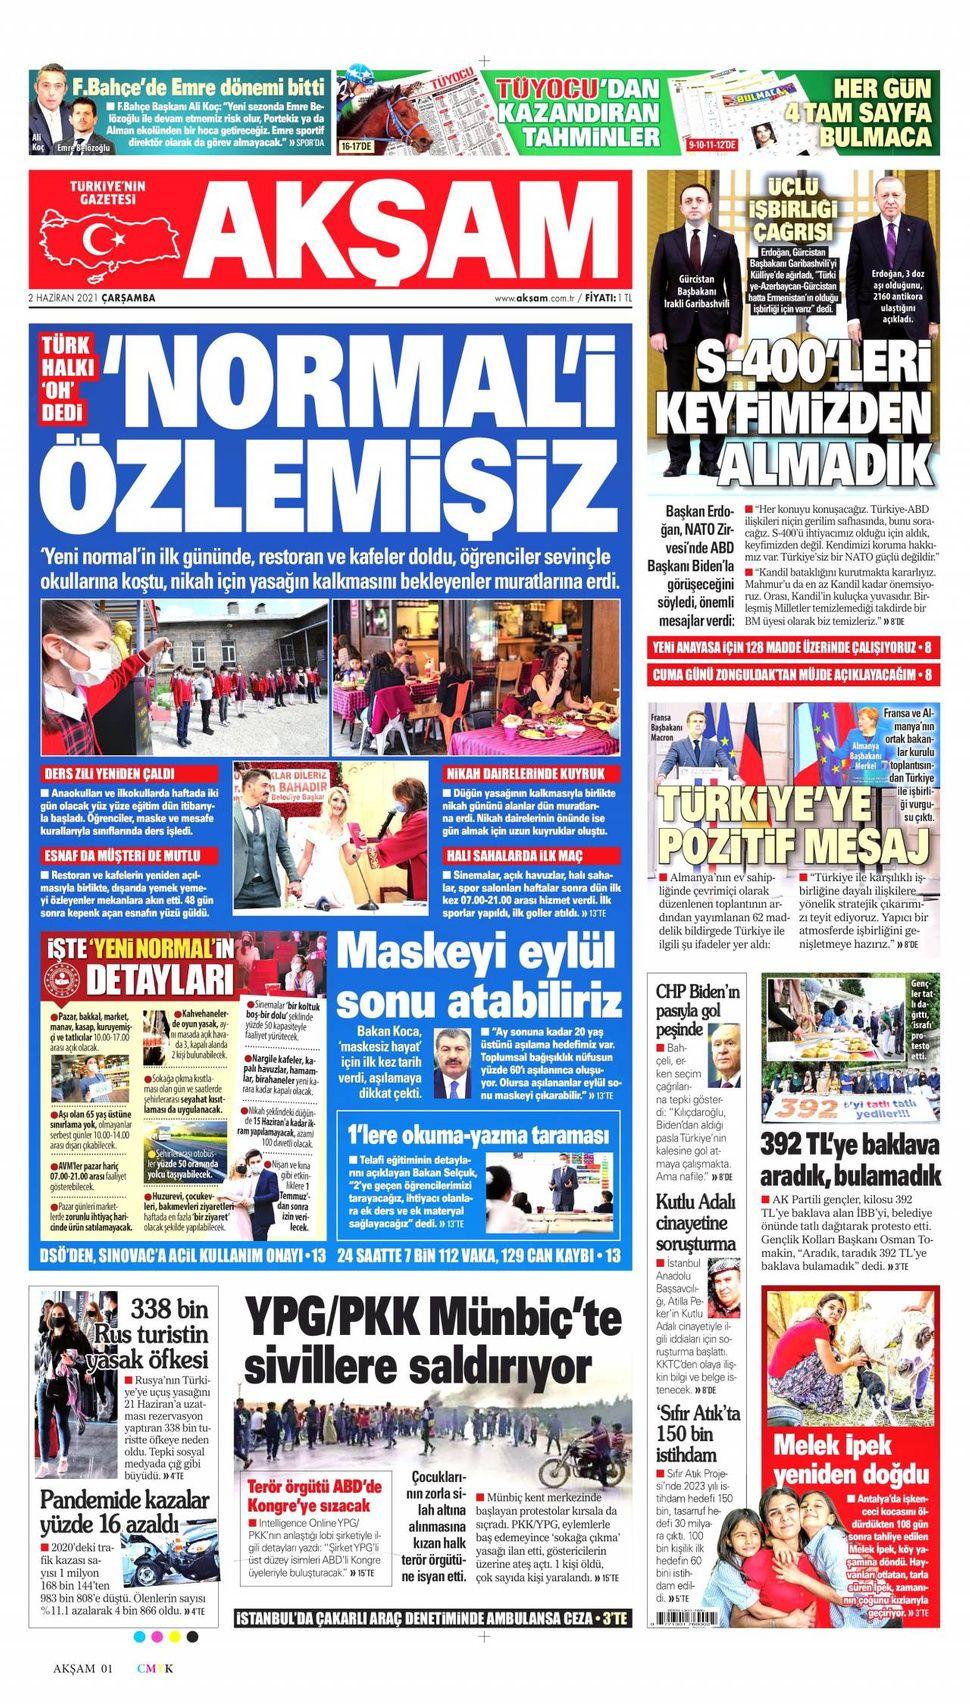 2 Haziran 2021 gazete manşetleri! - Sayfa 1